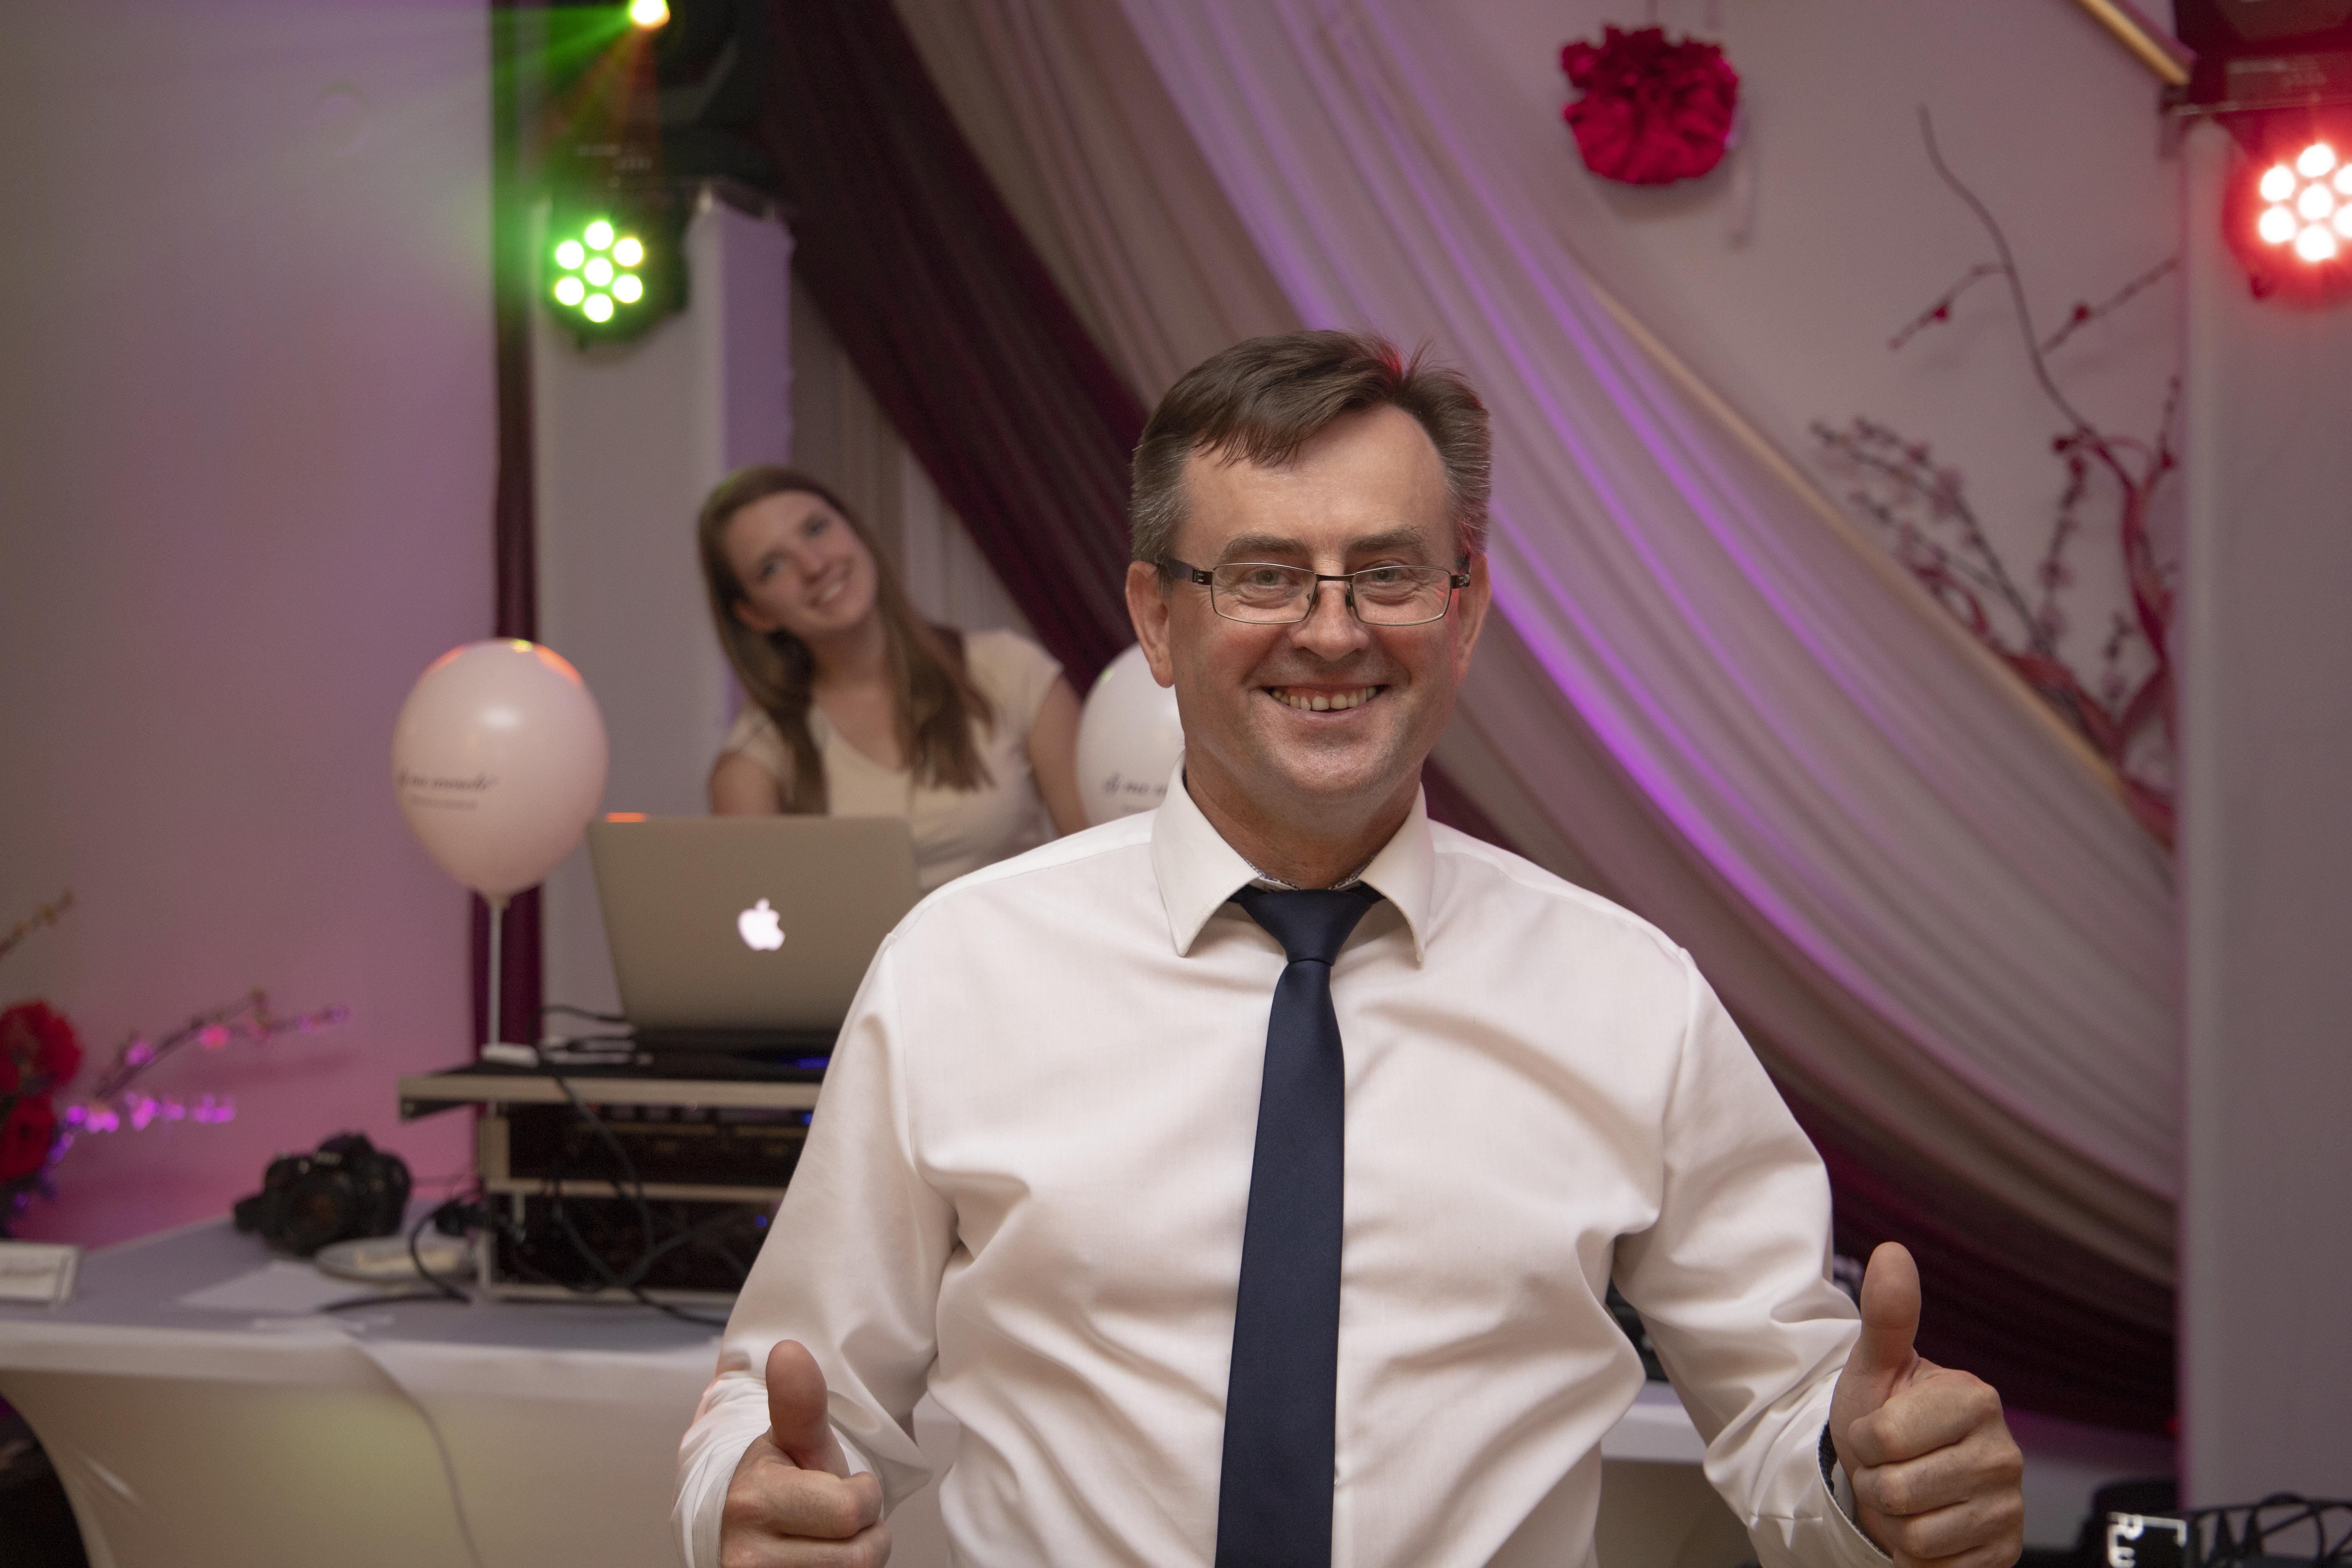 Dj na wesele dj-na-wesle_biesiada_dj_impreza wesele dj saksofon akordeon mikrofon wodzirej